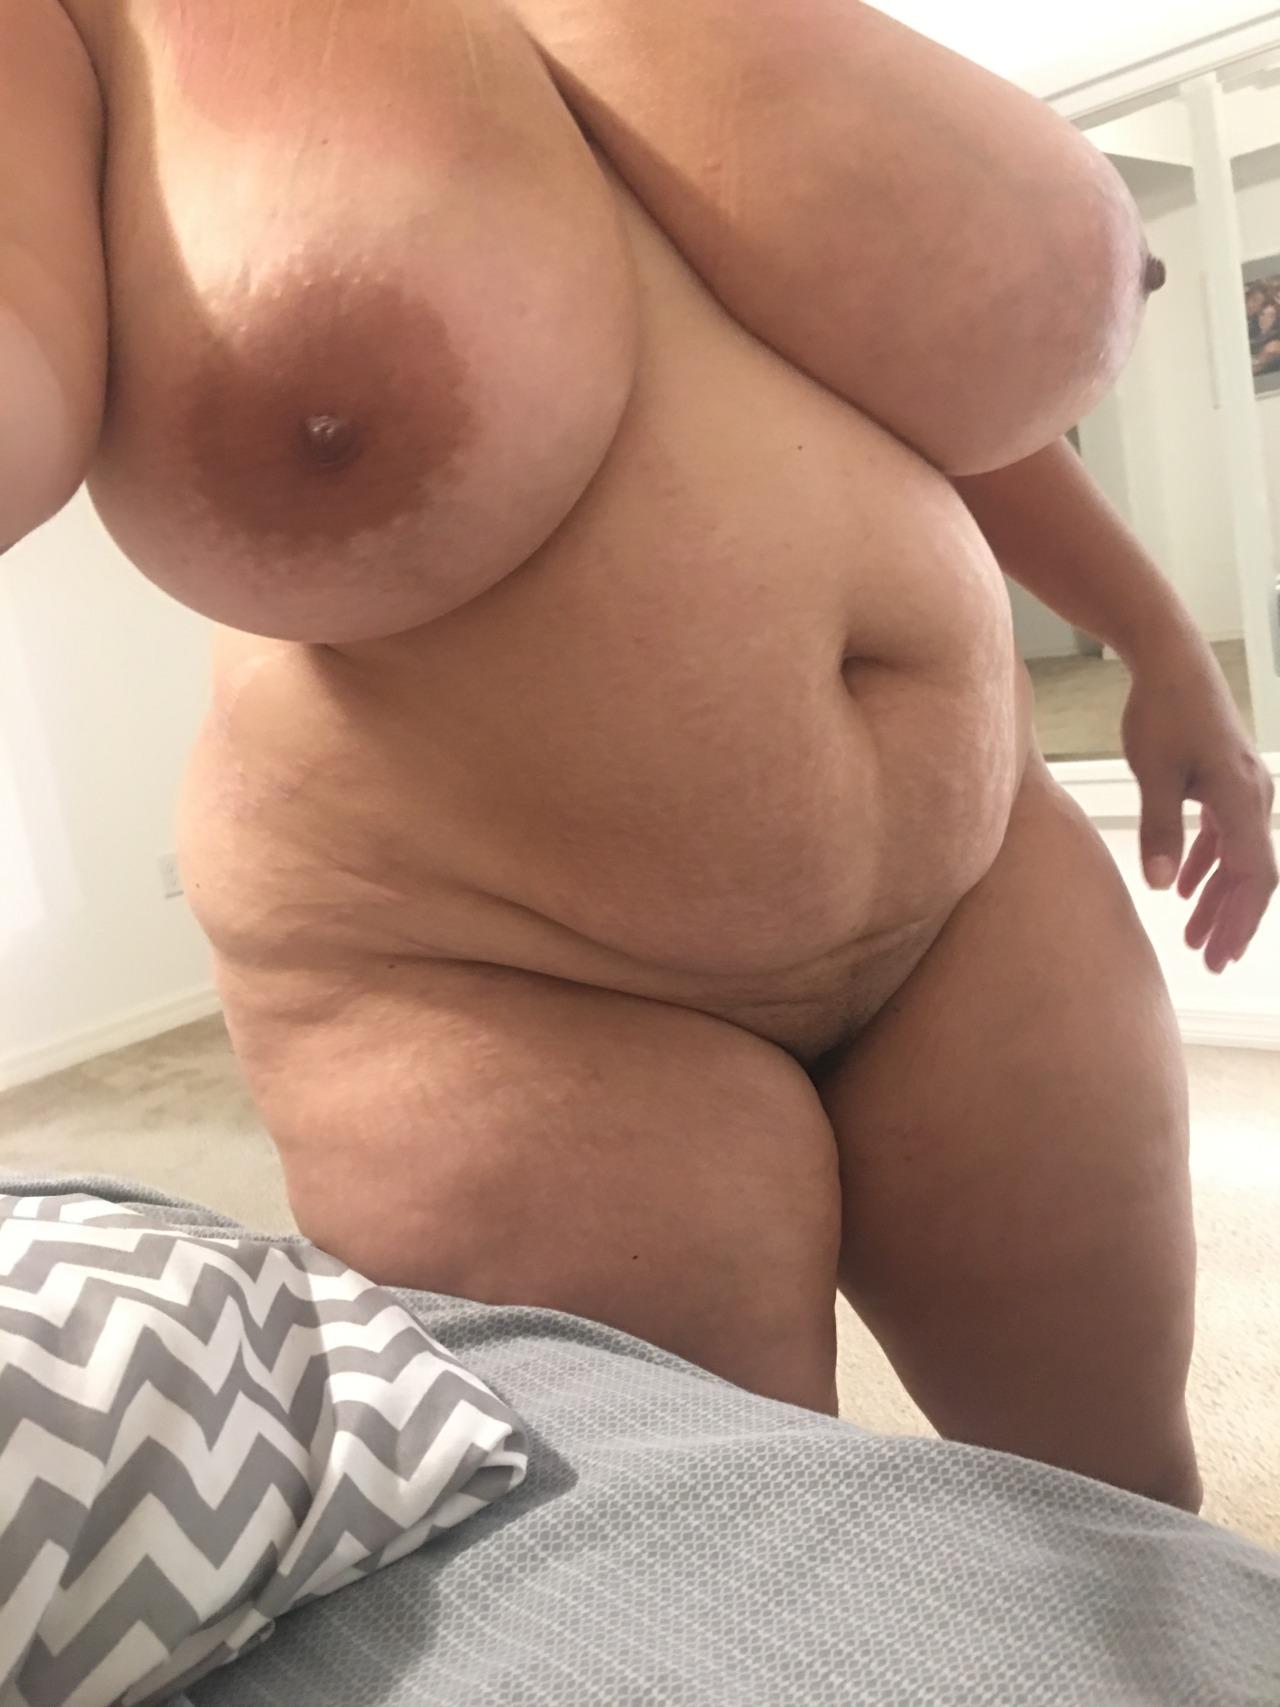 жирные тетки с огромной грудью и огромной жопищей - 2